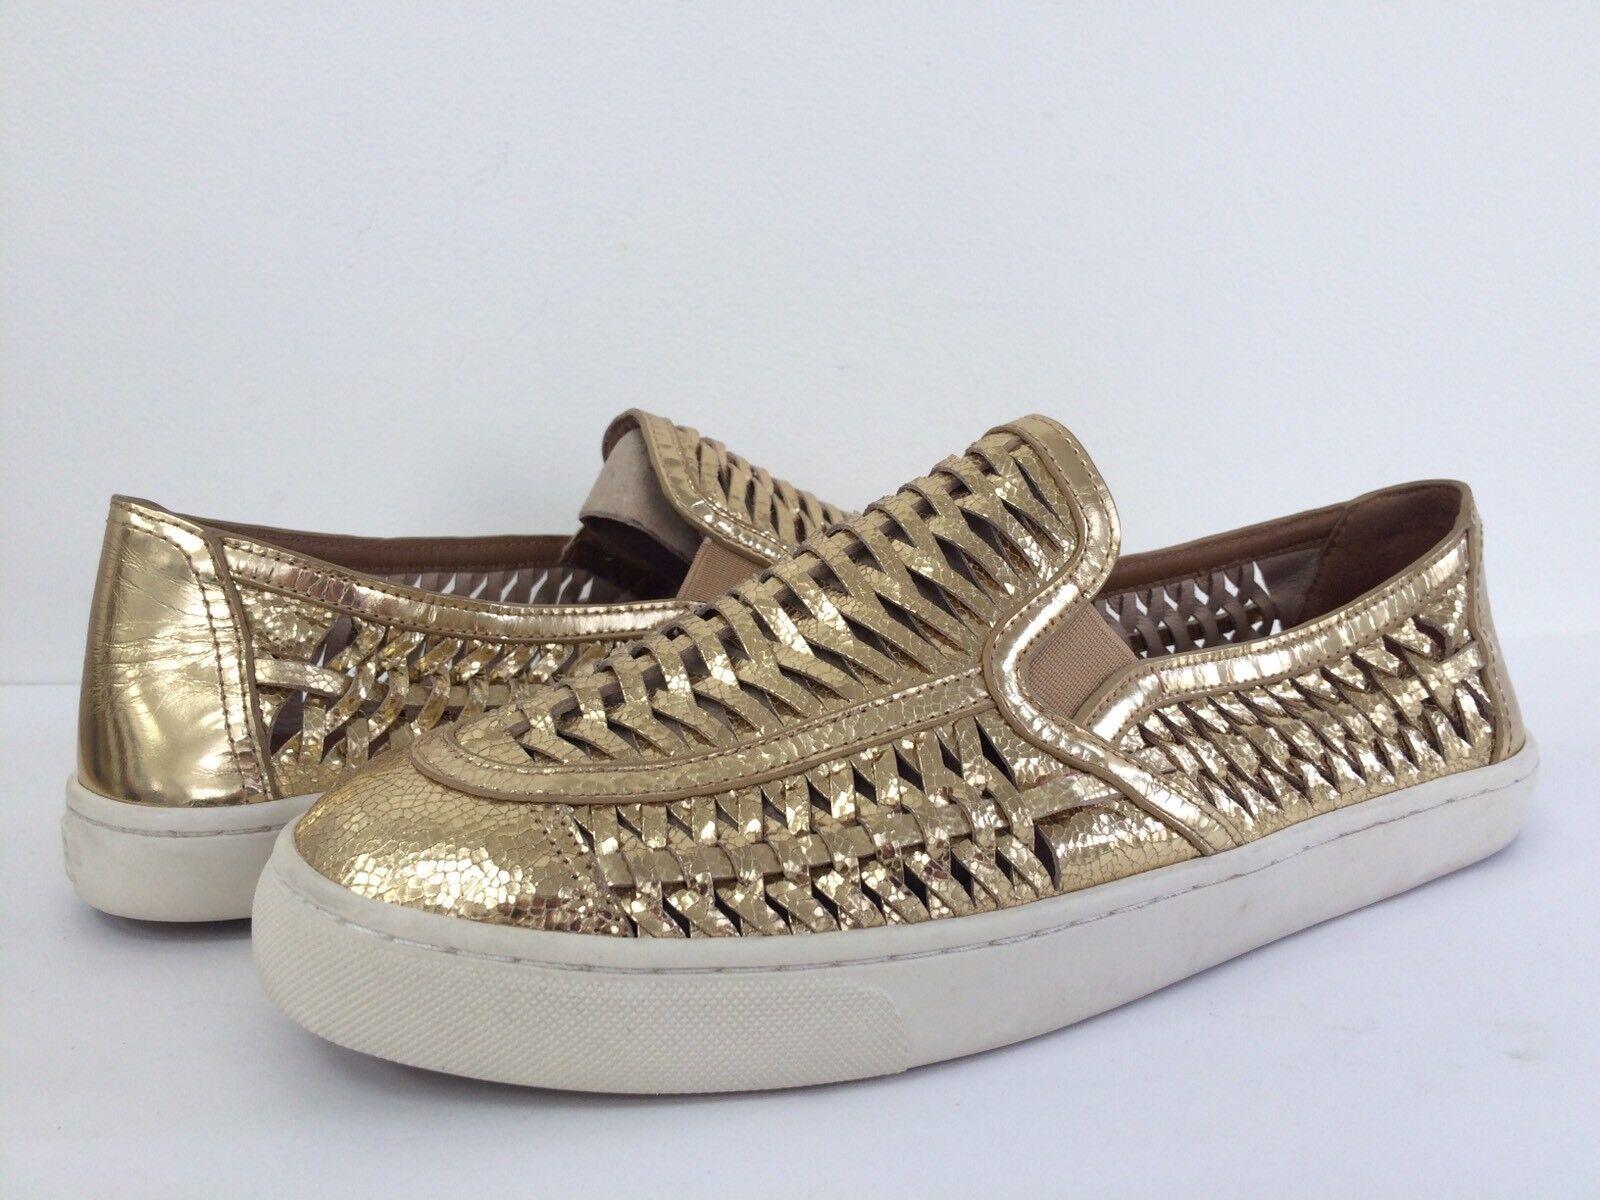 Nuevo Tory Burch Para mujeres Cuero Cuero Cuero Metálico oro Huarache Sin Cordones Tenis Zapatos 11  el mas de moda